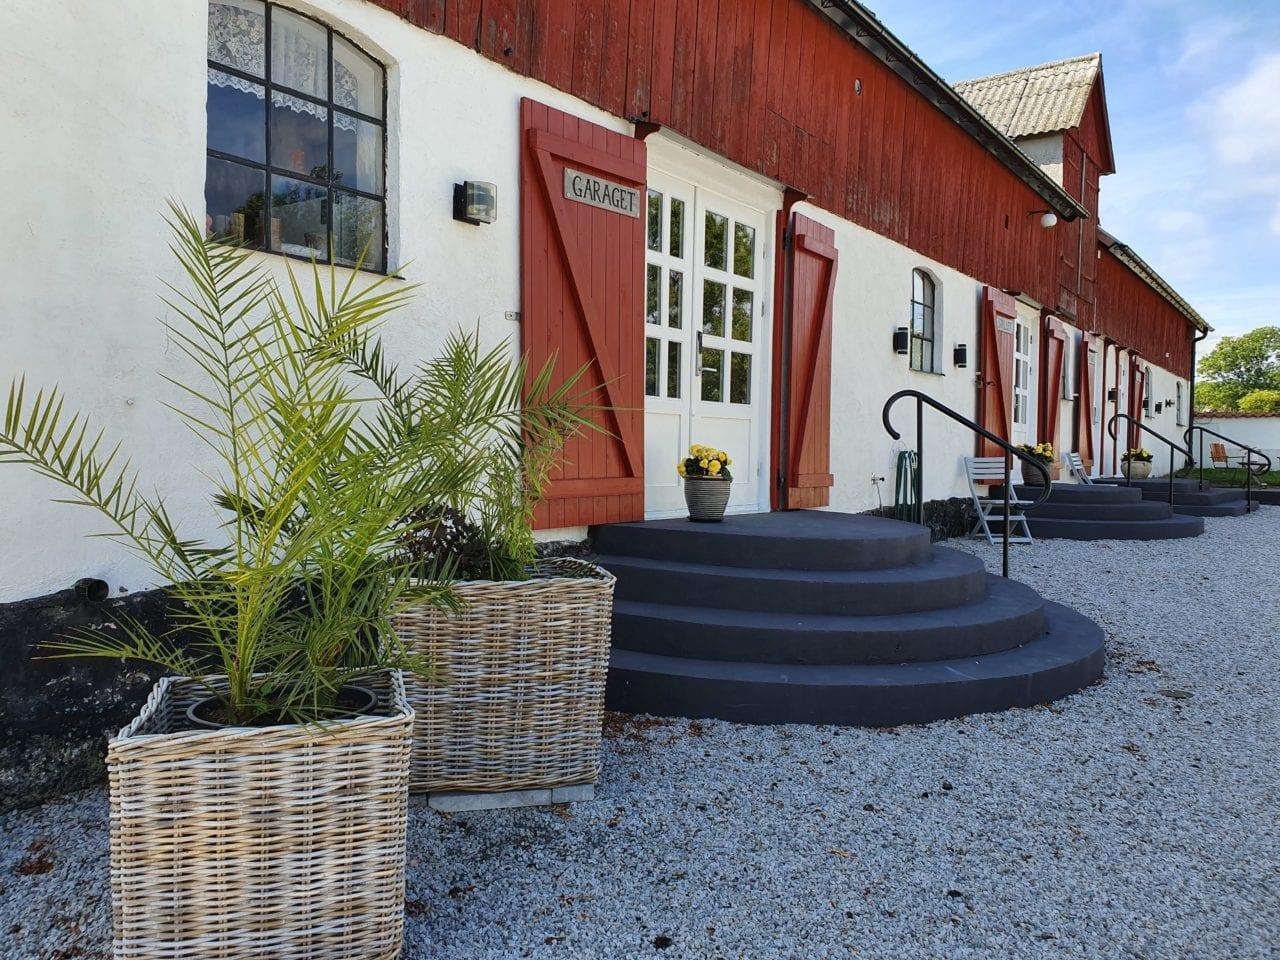 Gladsax farm hotel